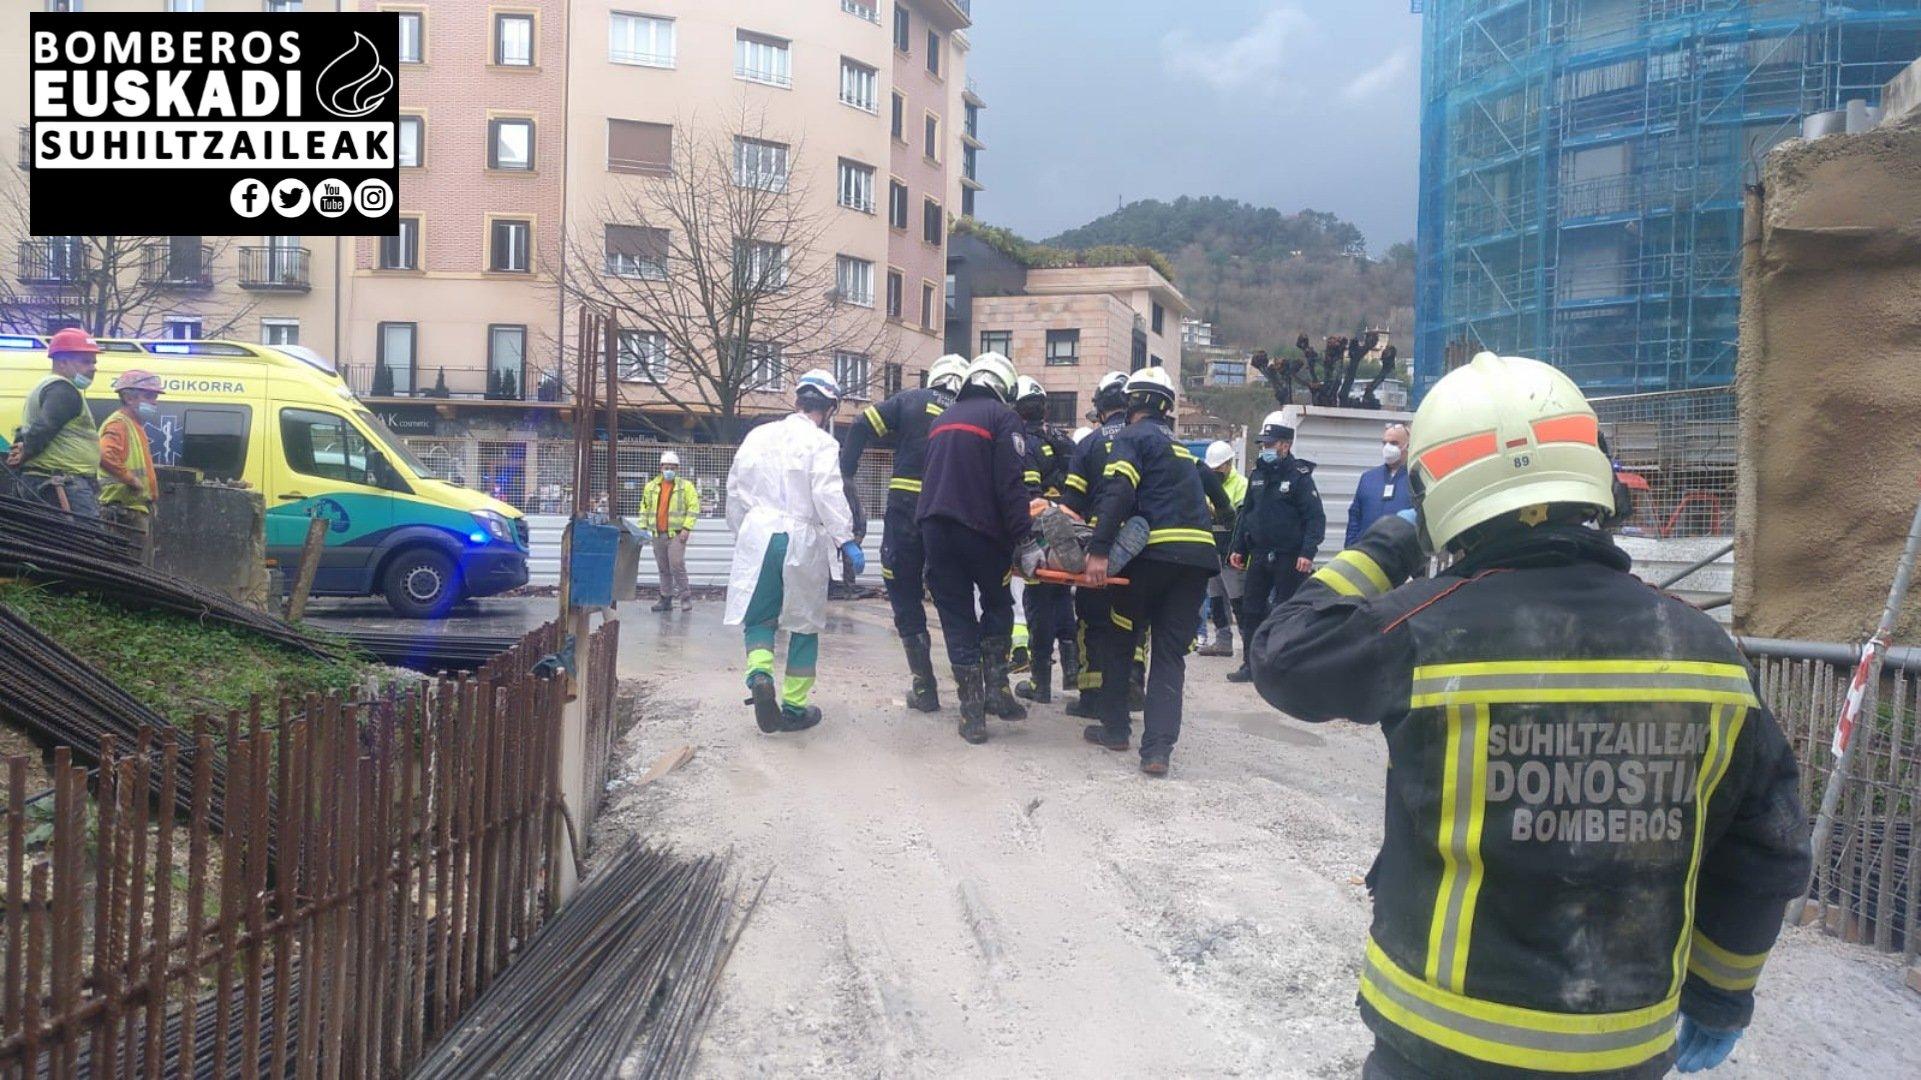 Foto: Bomberos de Euskadi